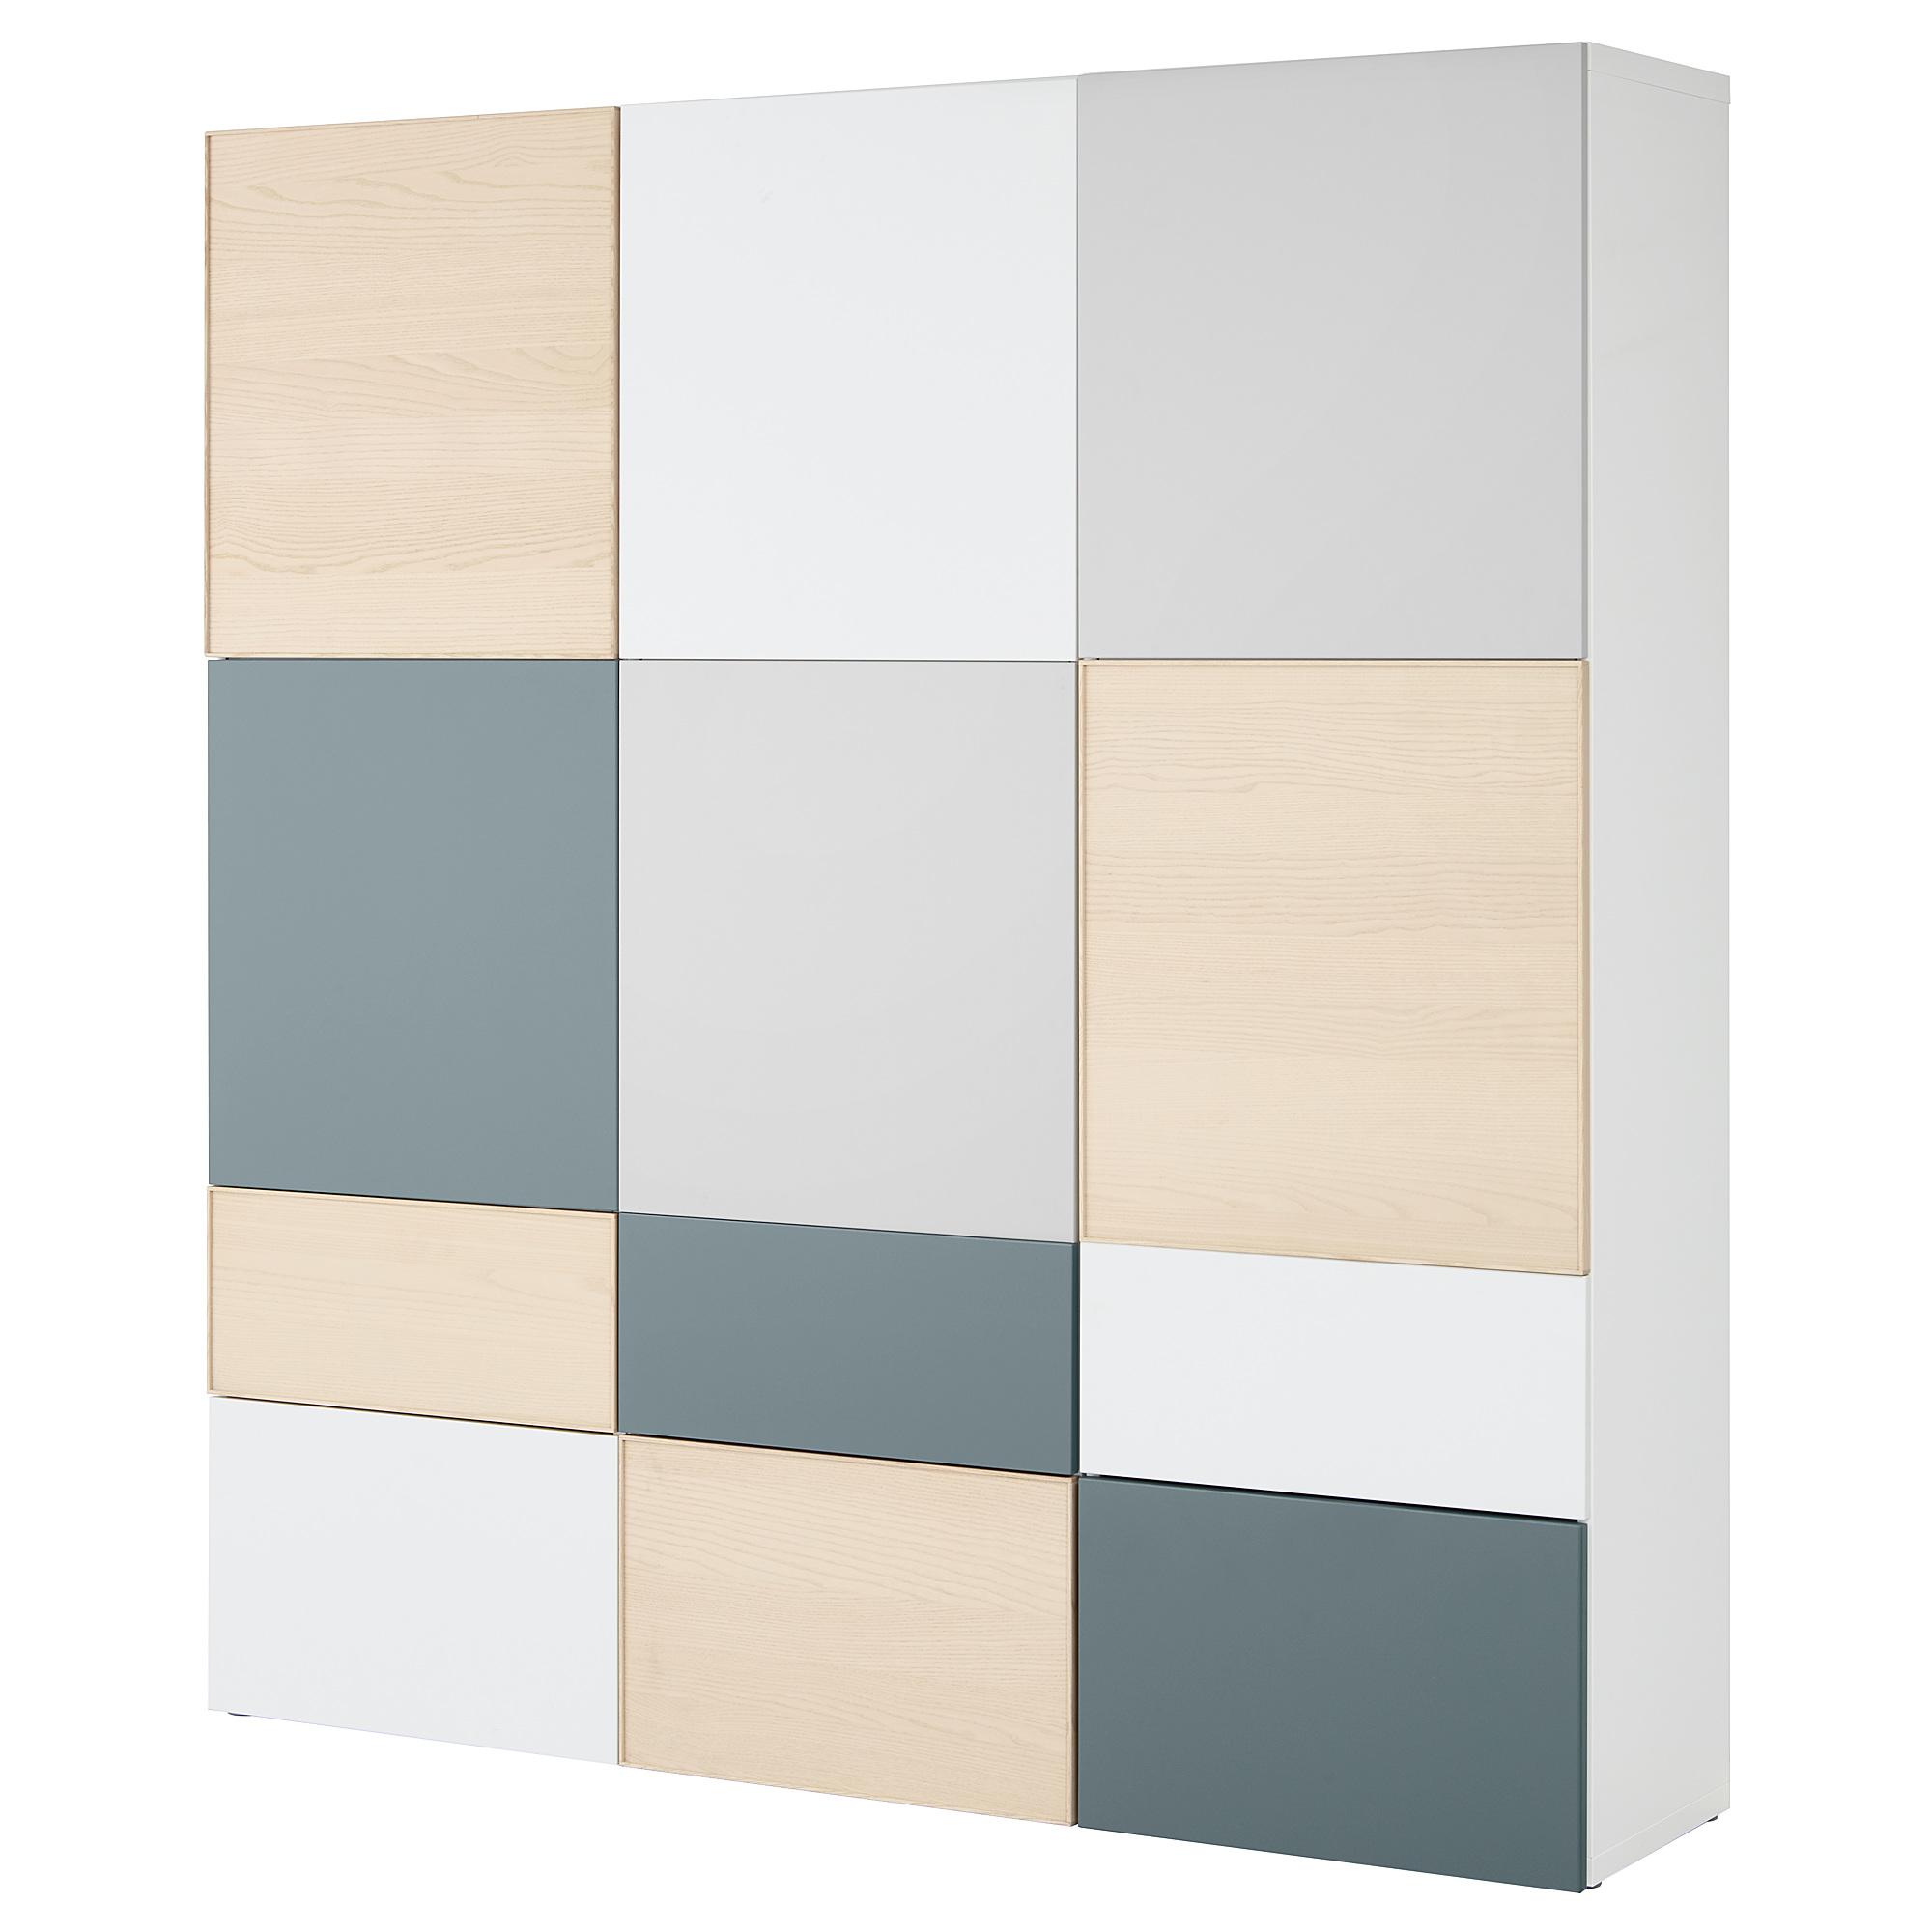 Комбинация для хранения с дверцами, ящиками БЕСТО, белый/светло-серый, серо-бирюзовый ясеневый шпон (180x42x192 см)